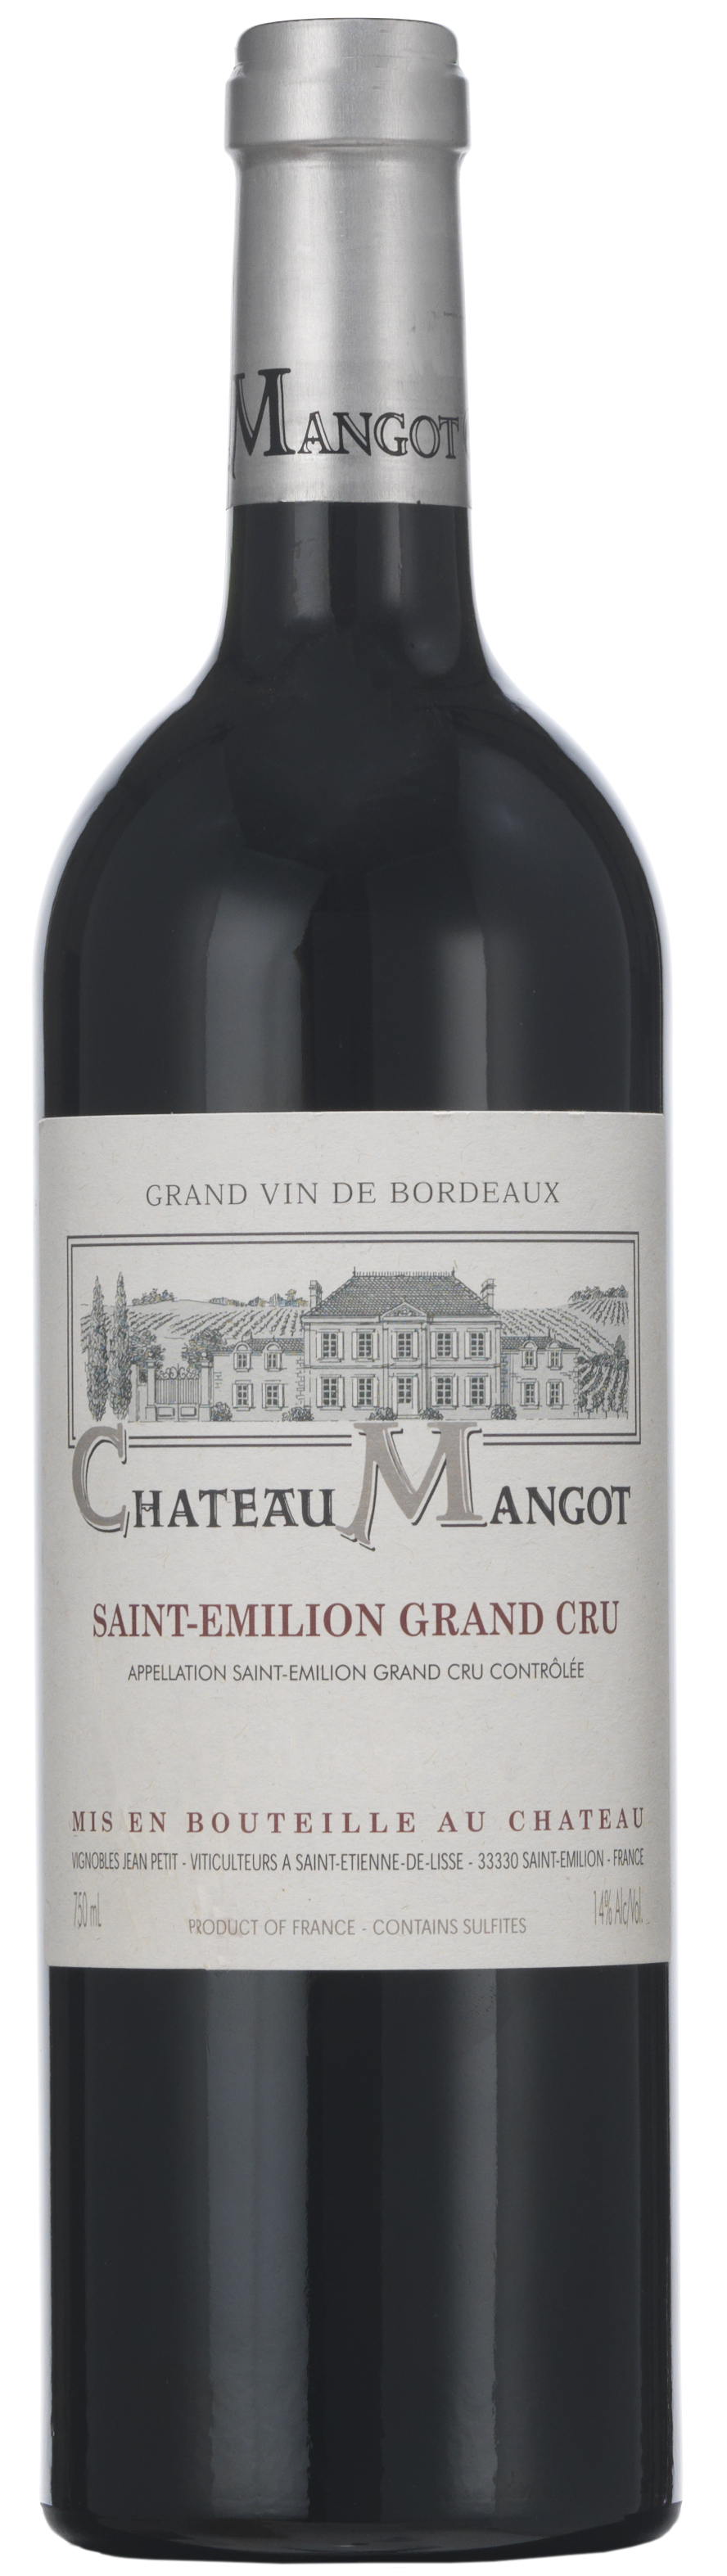 image of Château Mangot Saint-Emilion Grand Cru 2016